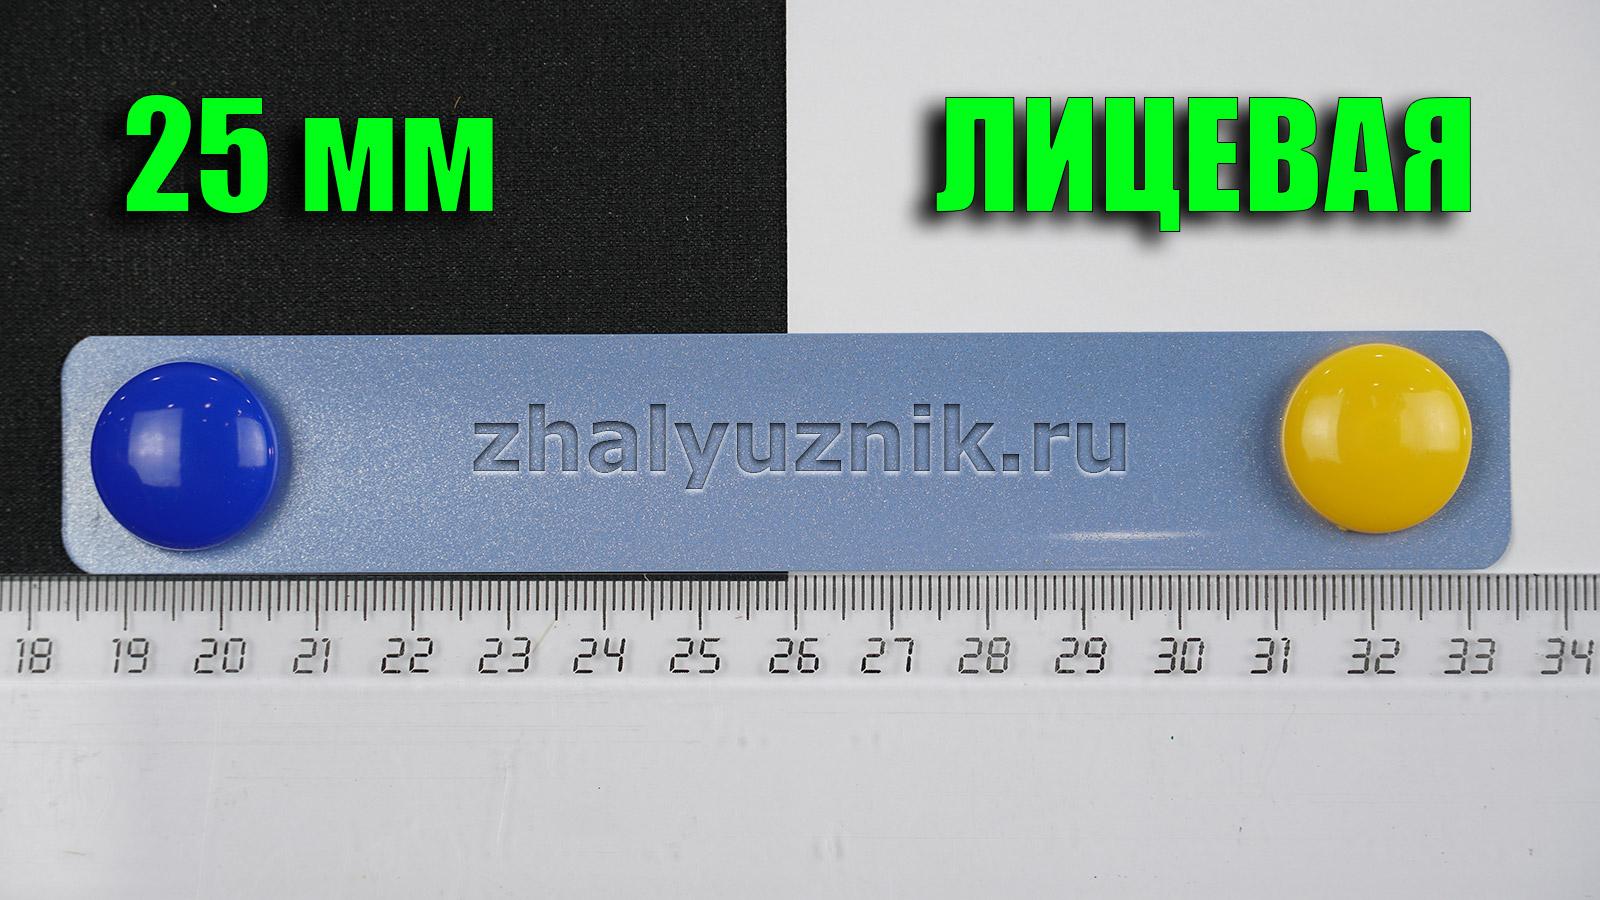 Горизонтальные жалюзи ИЗОТРА ХИТ-2 с ламелями-25 мм, цвет голубой, глянцевый металлик, артикул-4491 (Интерсклад)